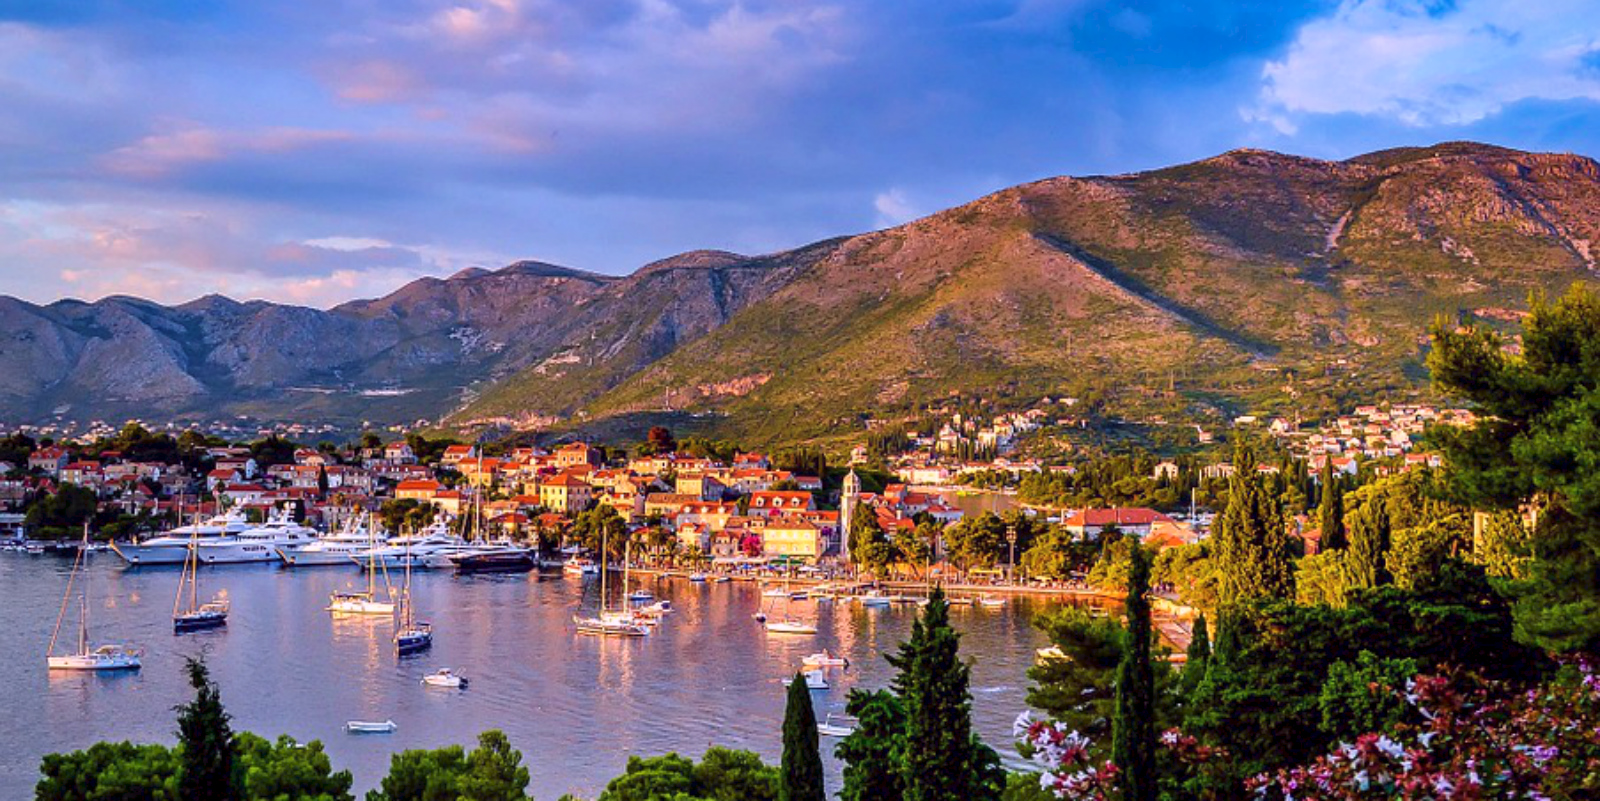 Vakantie naar Montenegro